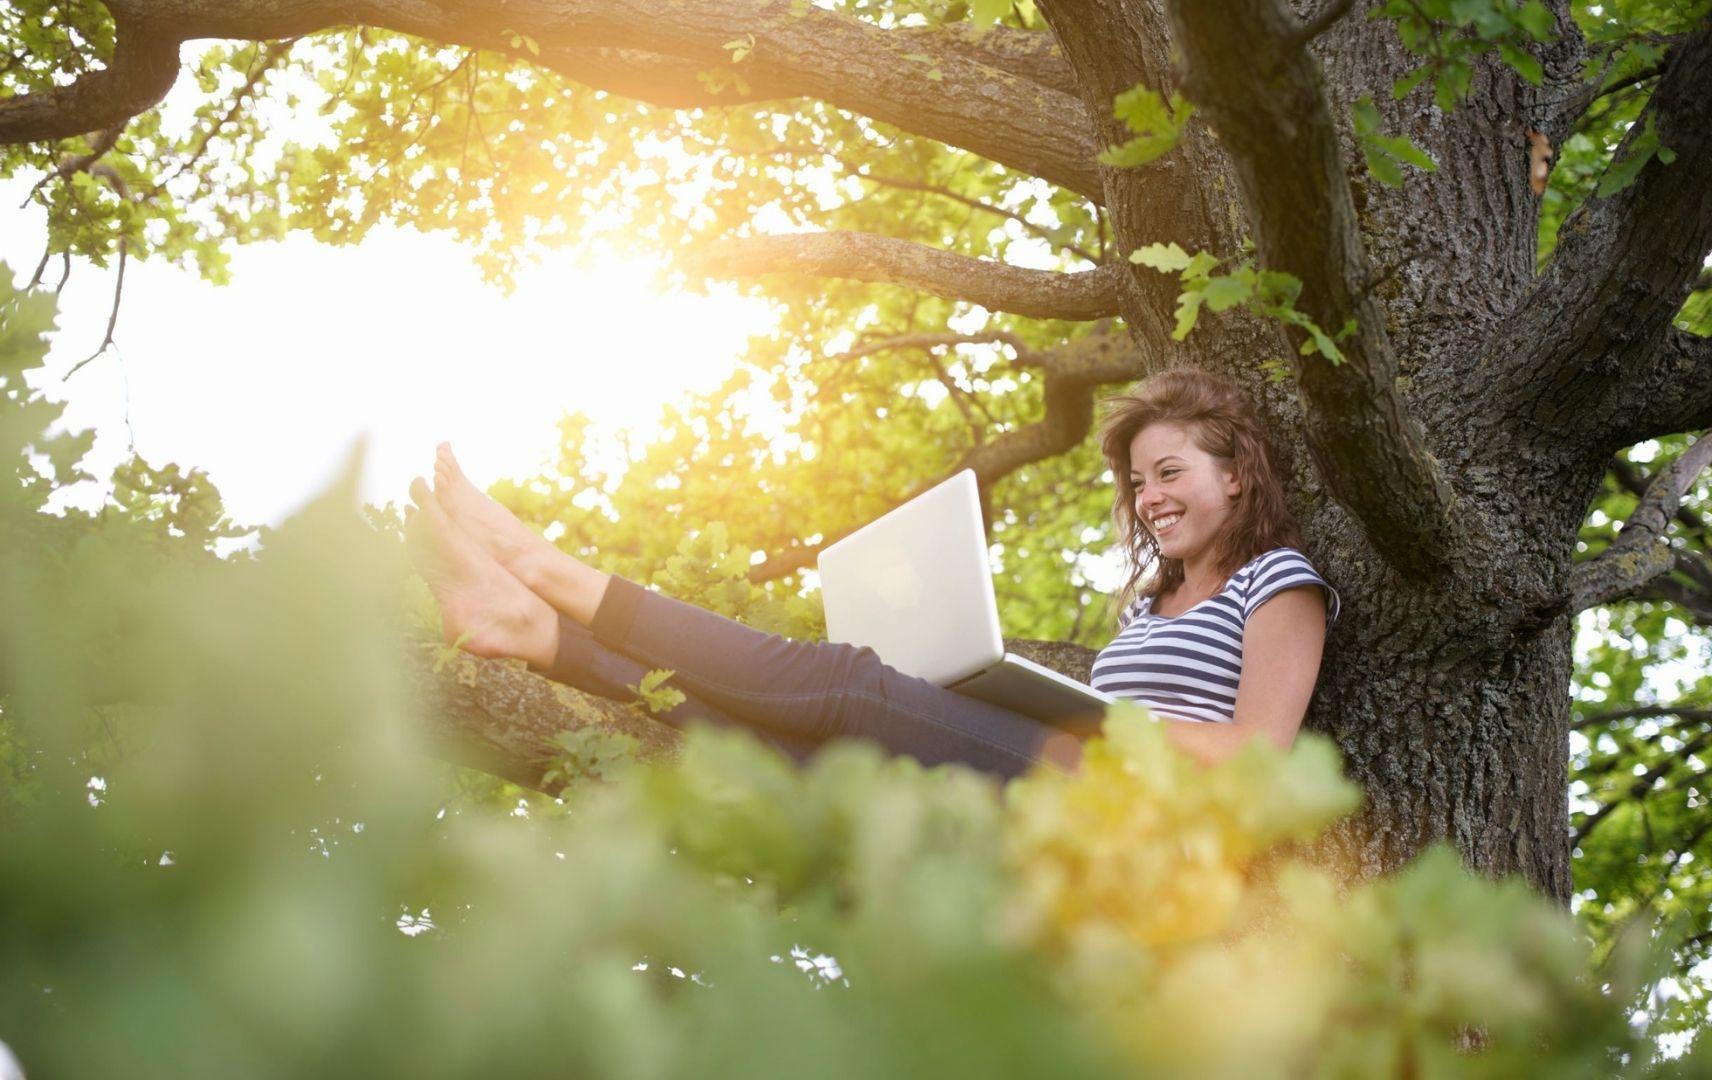 Nachhaltig Reisen Geschäftsreisebüros helfen - junge Frau mit Laptop im Grünen